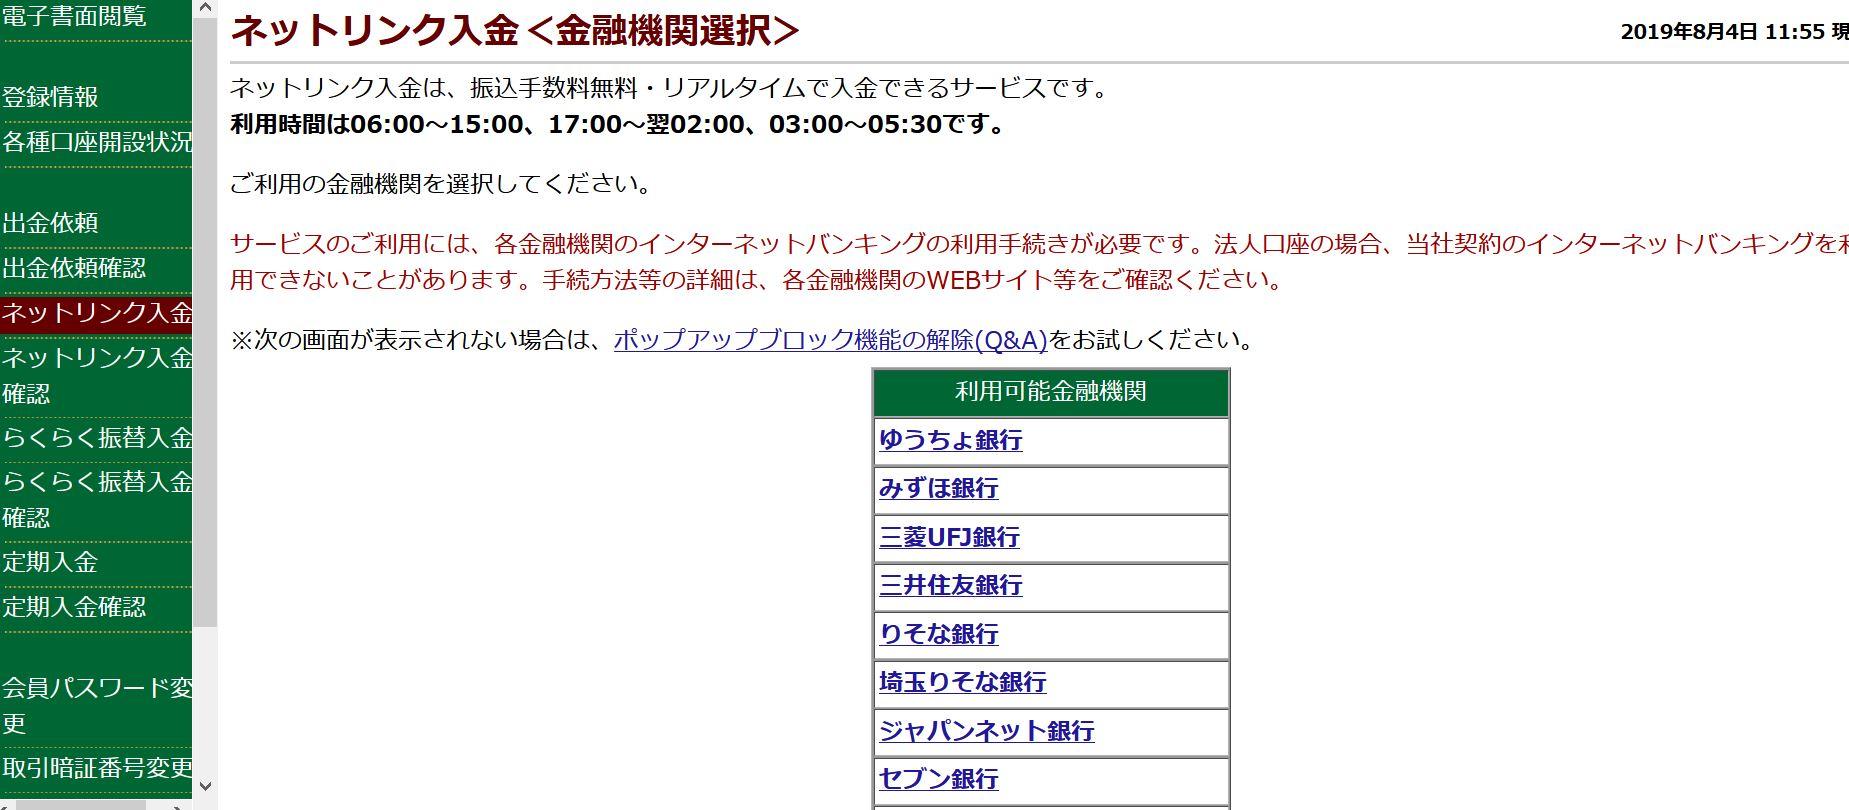 松井証券 ネットリンク入金